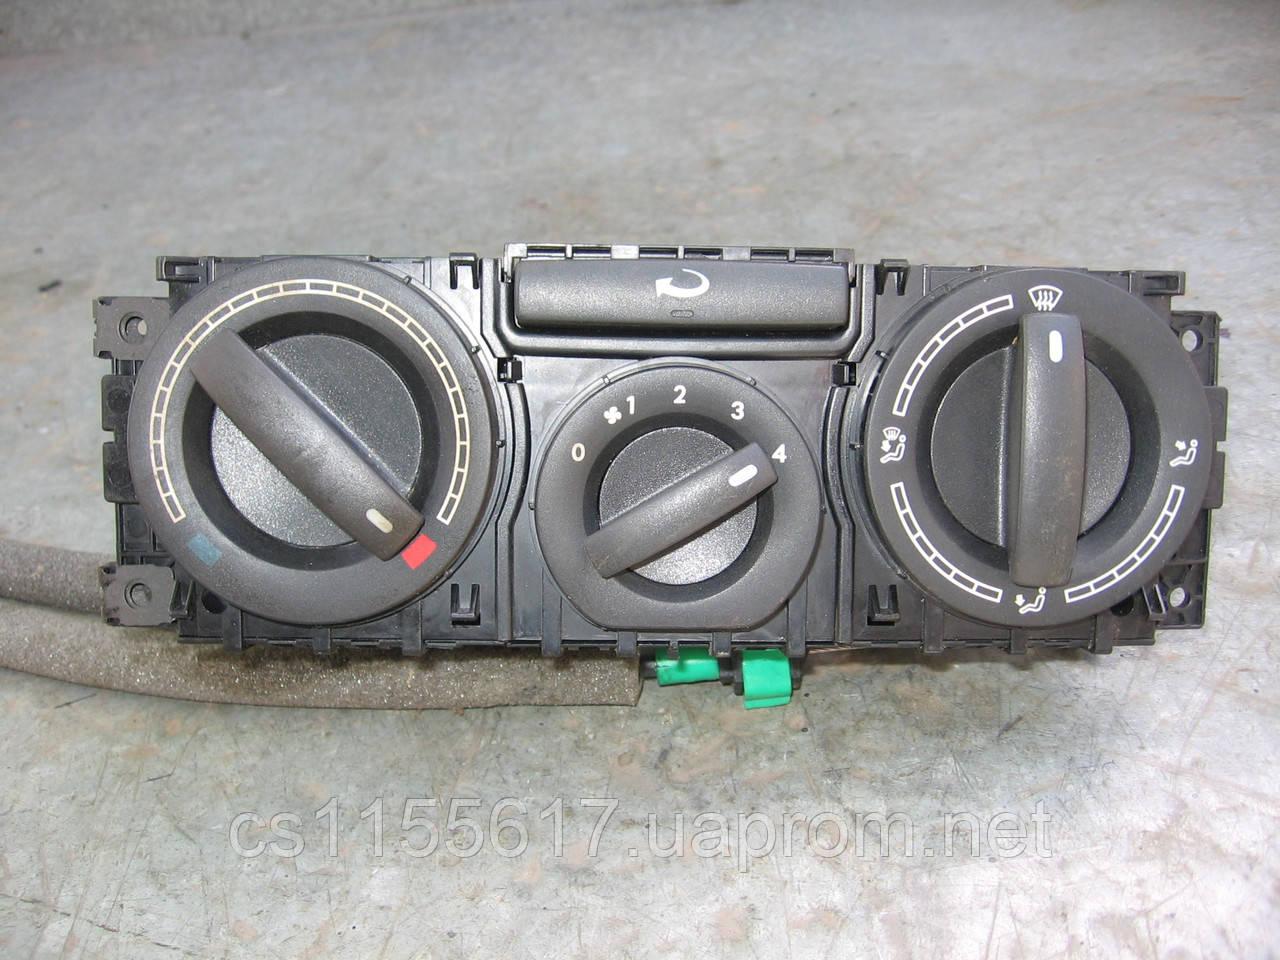 Блок управления печкой без кондиционера 7H0819045F9B9 б/у на VW Transporter T5 2003-2010 год